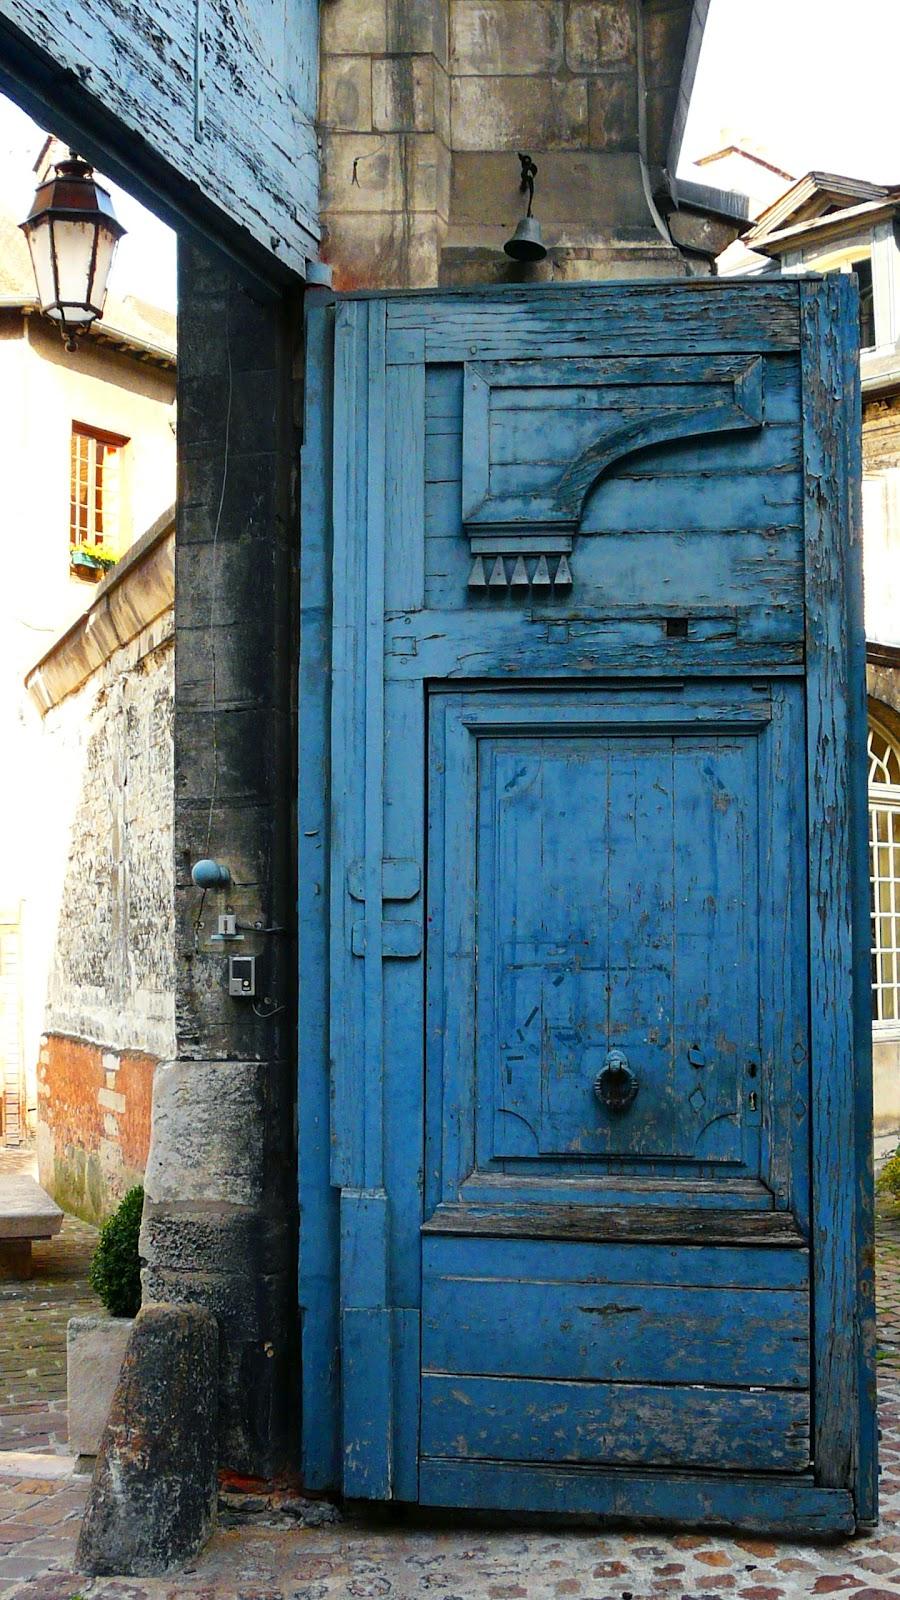 Pascal bertrand en route vers le territoire de cl mence - La porte bleue en belgique ...